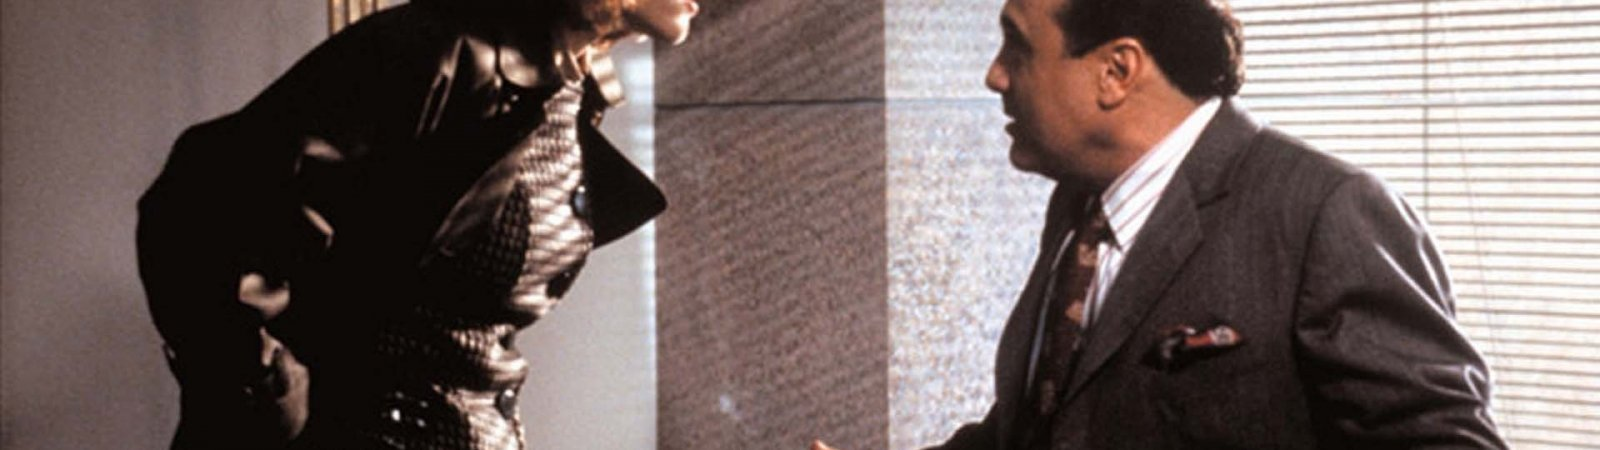 Photo du film : Larry le liquidateur